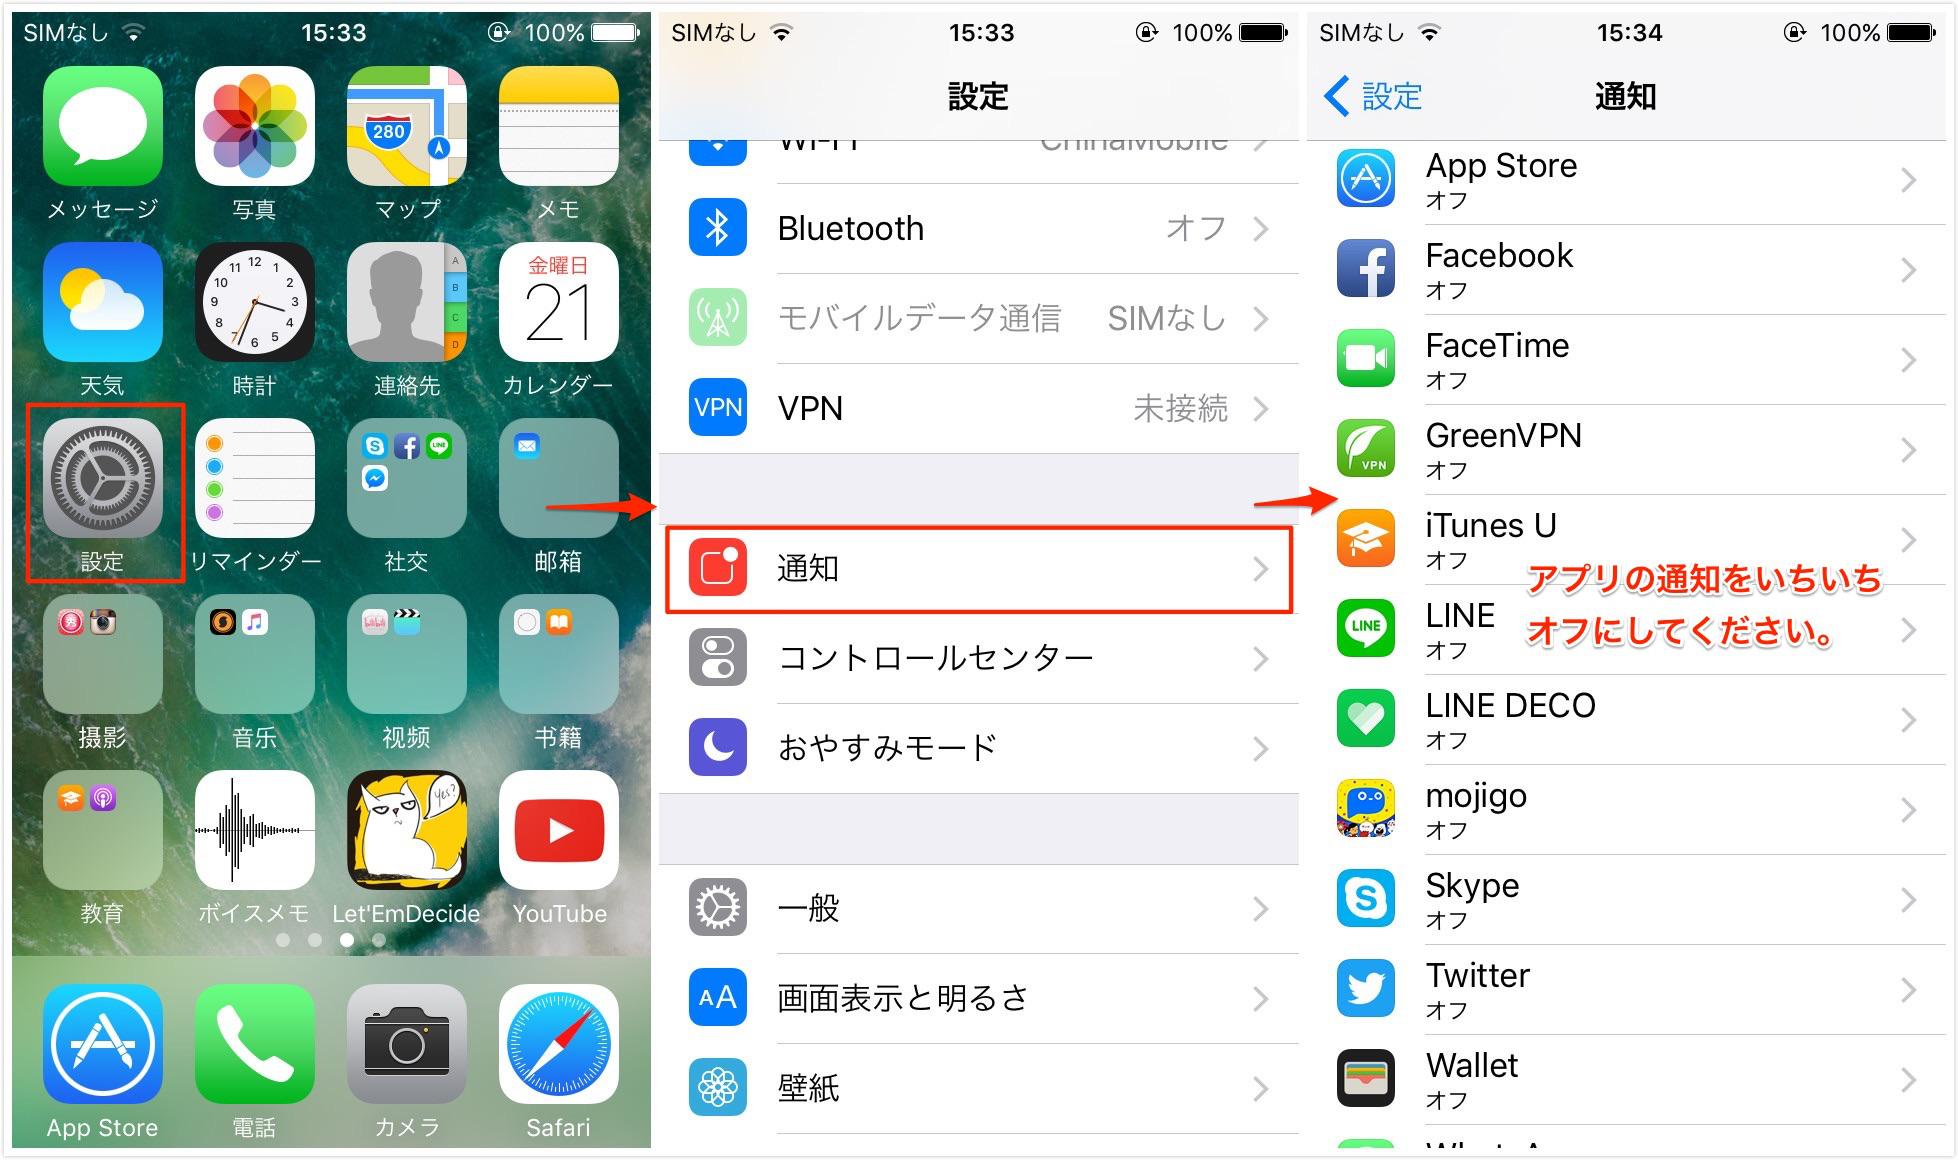 iOS 12/13で通知バナーが大きくて邪魔 – 方法1